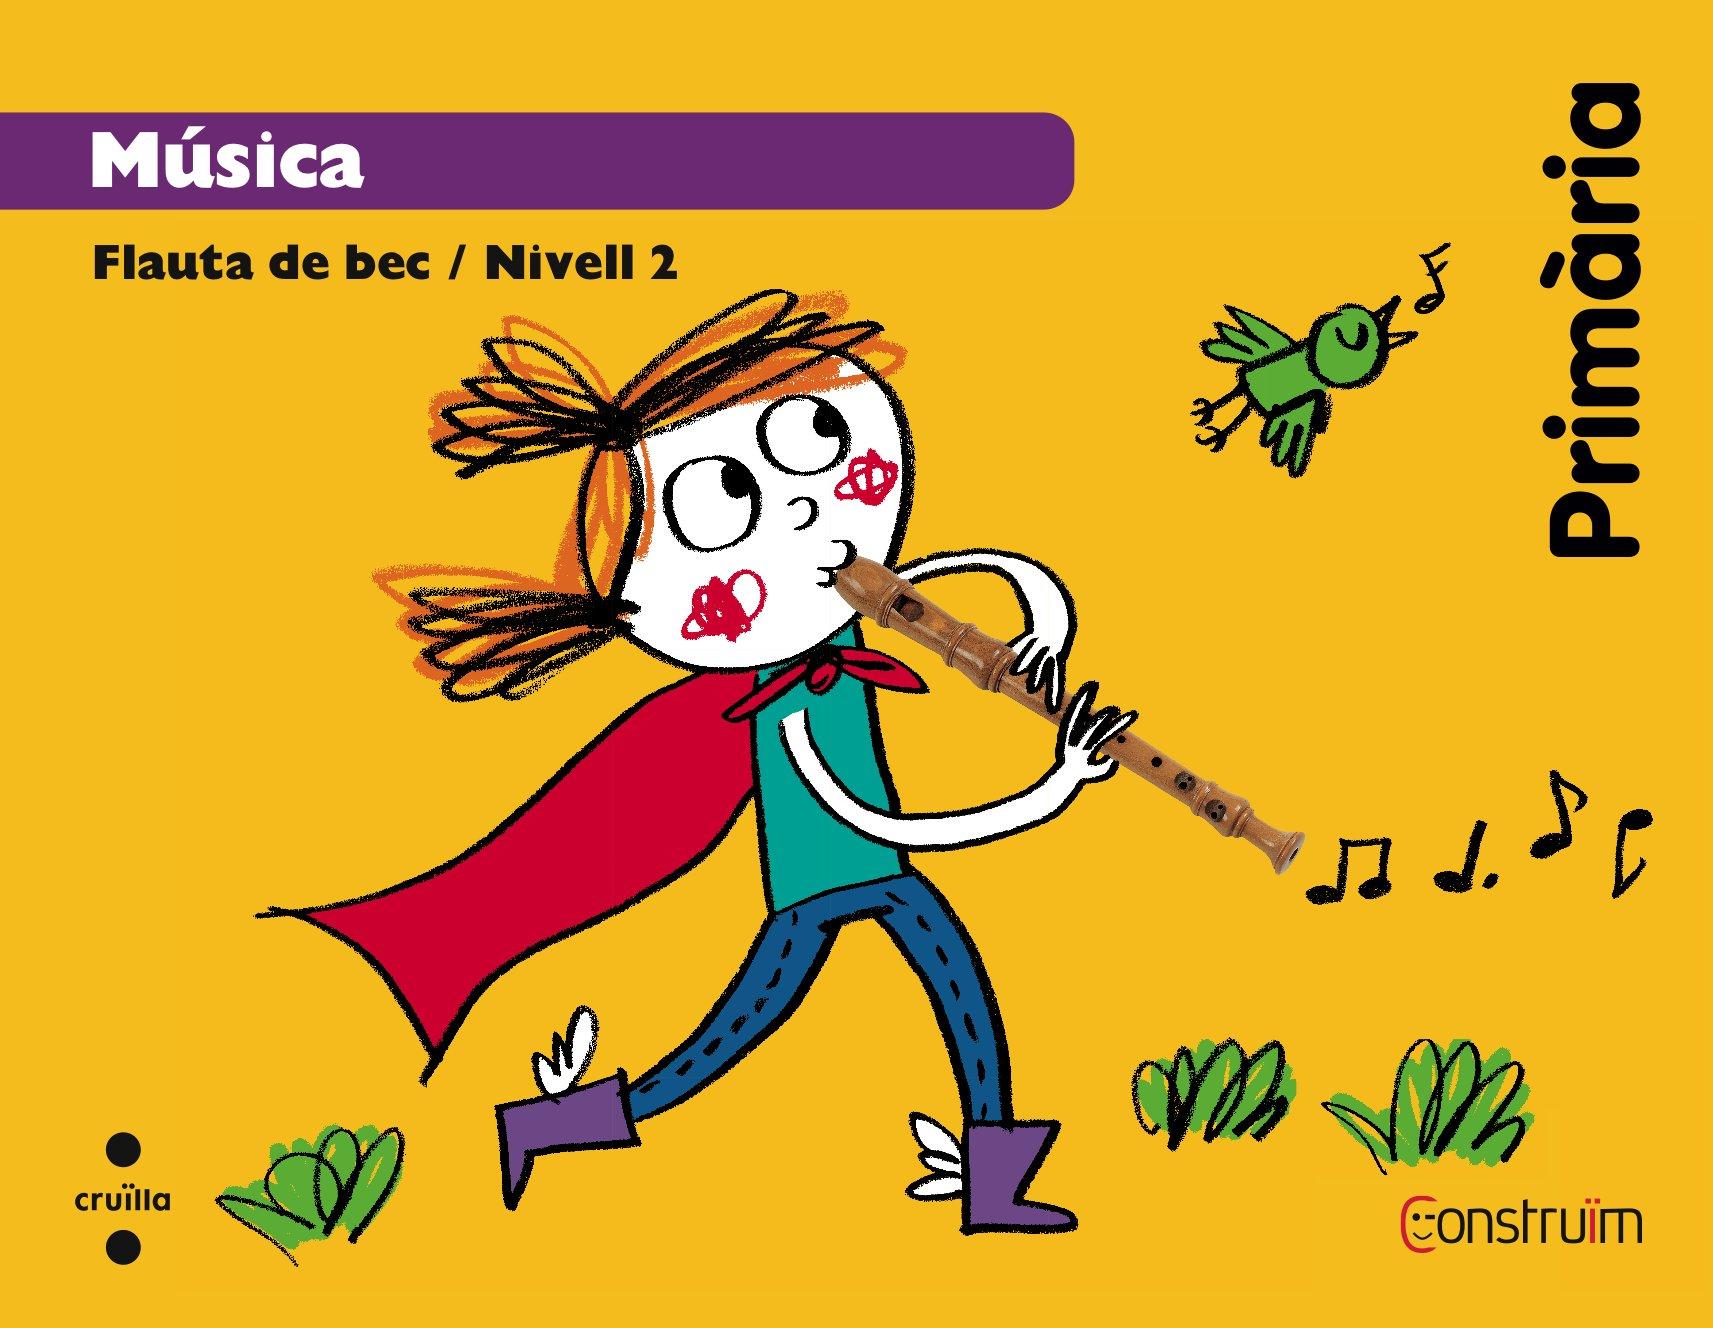 Flauta de bec / Nivell 2. Primària. Construïm - 9788466134903: Amazon.es:  Equip Editorial Cruïlla, Roger Simó, Anna Llenas Serra: Libros